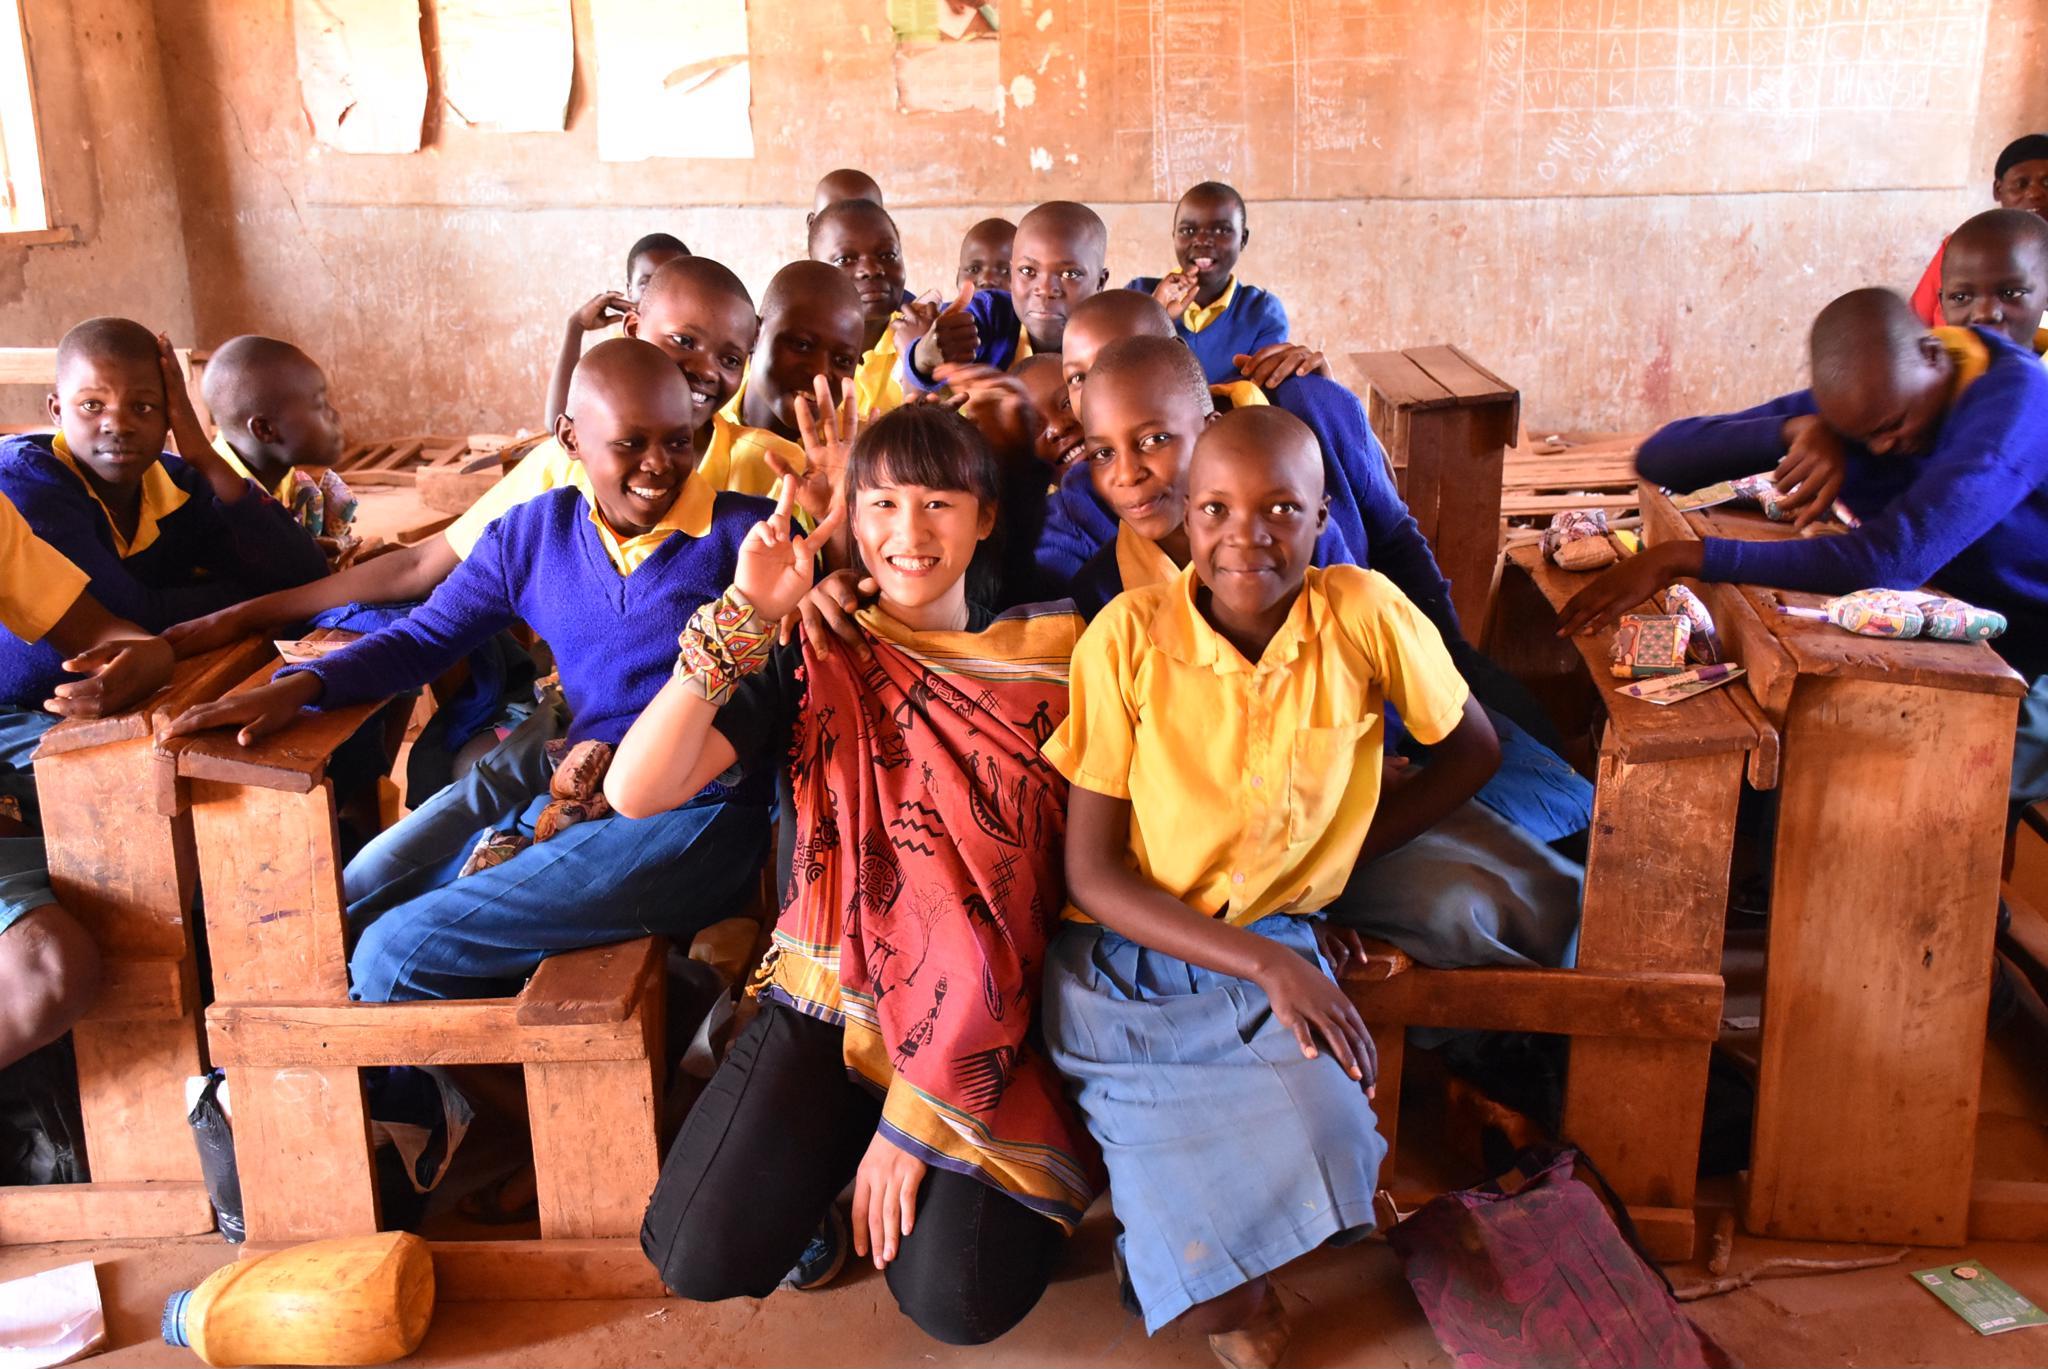 「走吧!女孩」  應外系黃沐庭募集擁抱與擊掌 為非洲女孩發聲